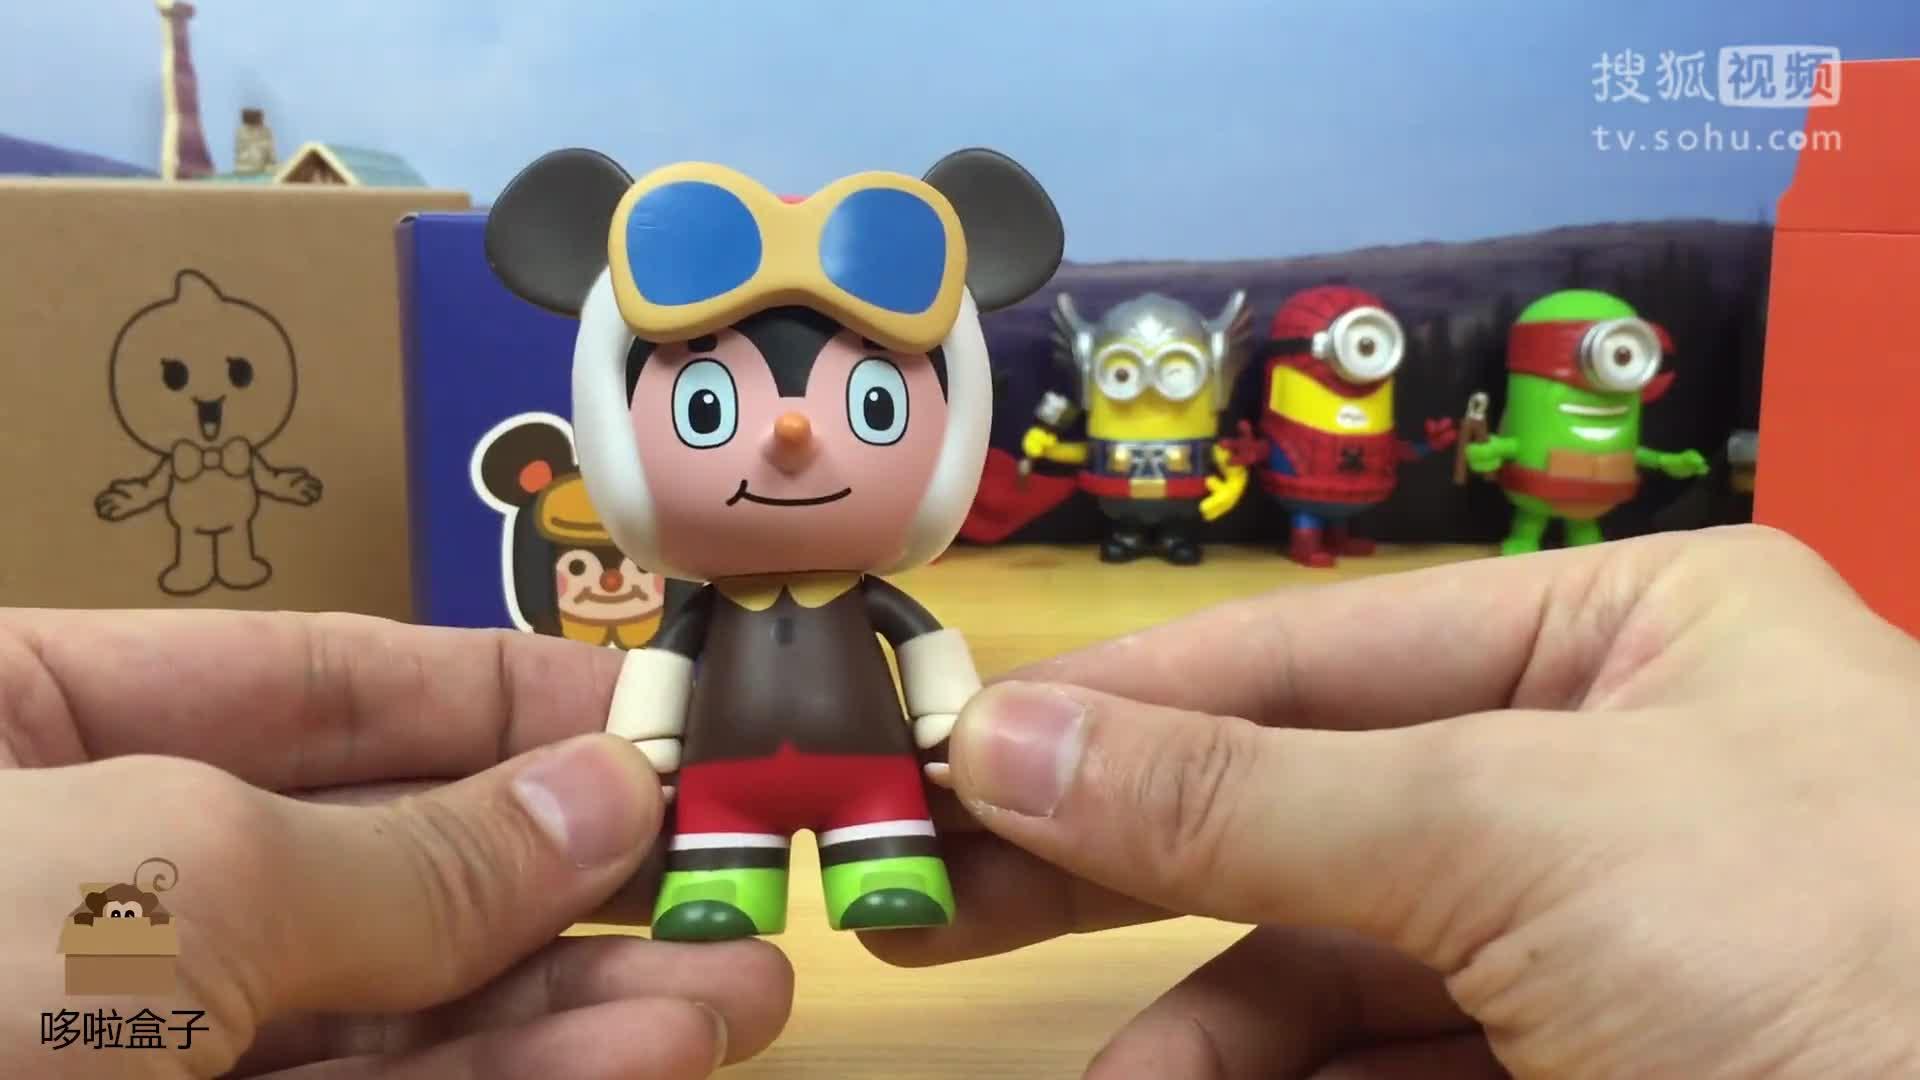 哆啦盒子玩具时间:舒克和贝塔